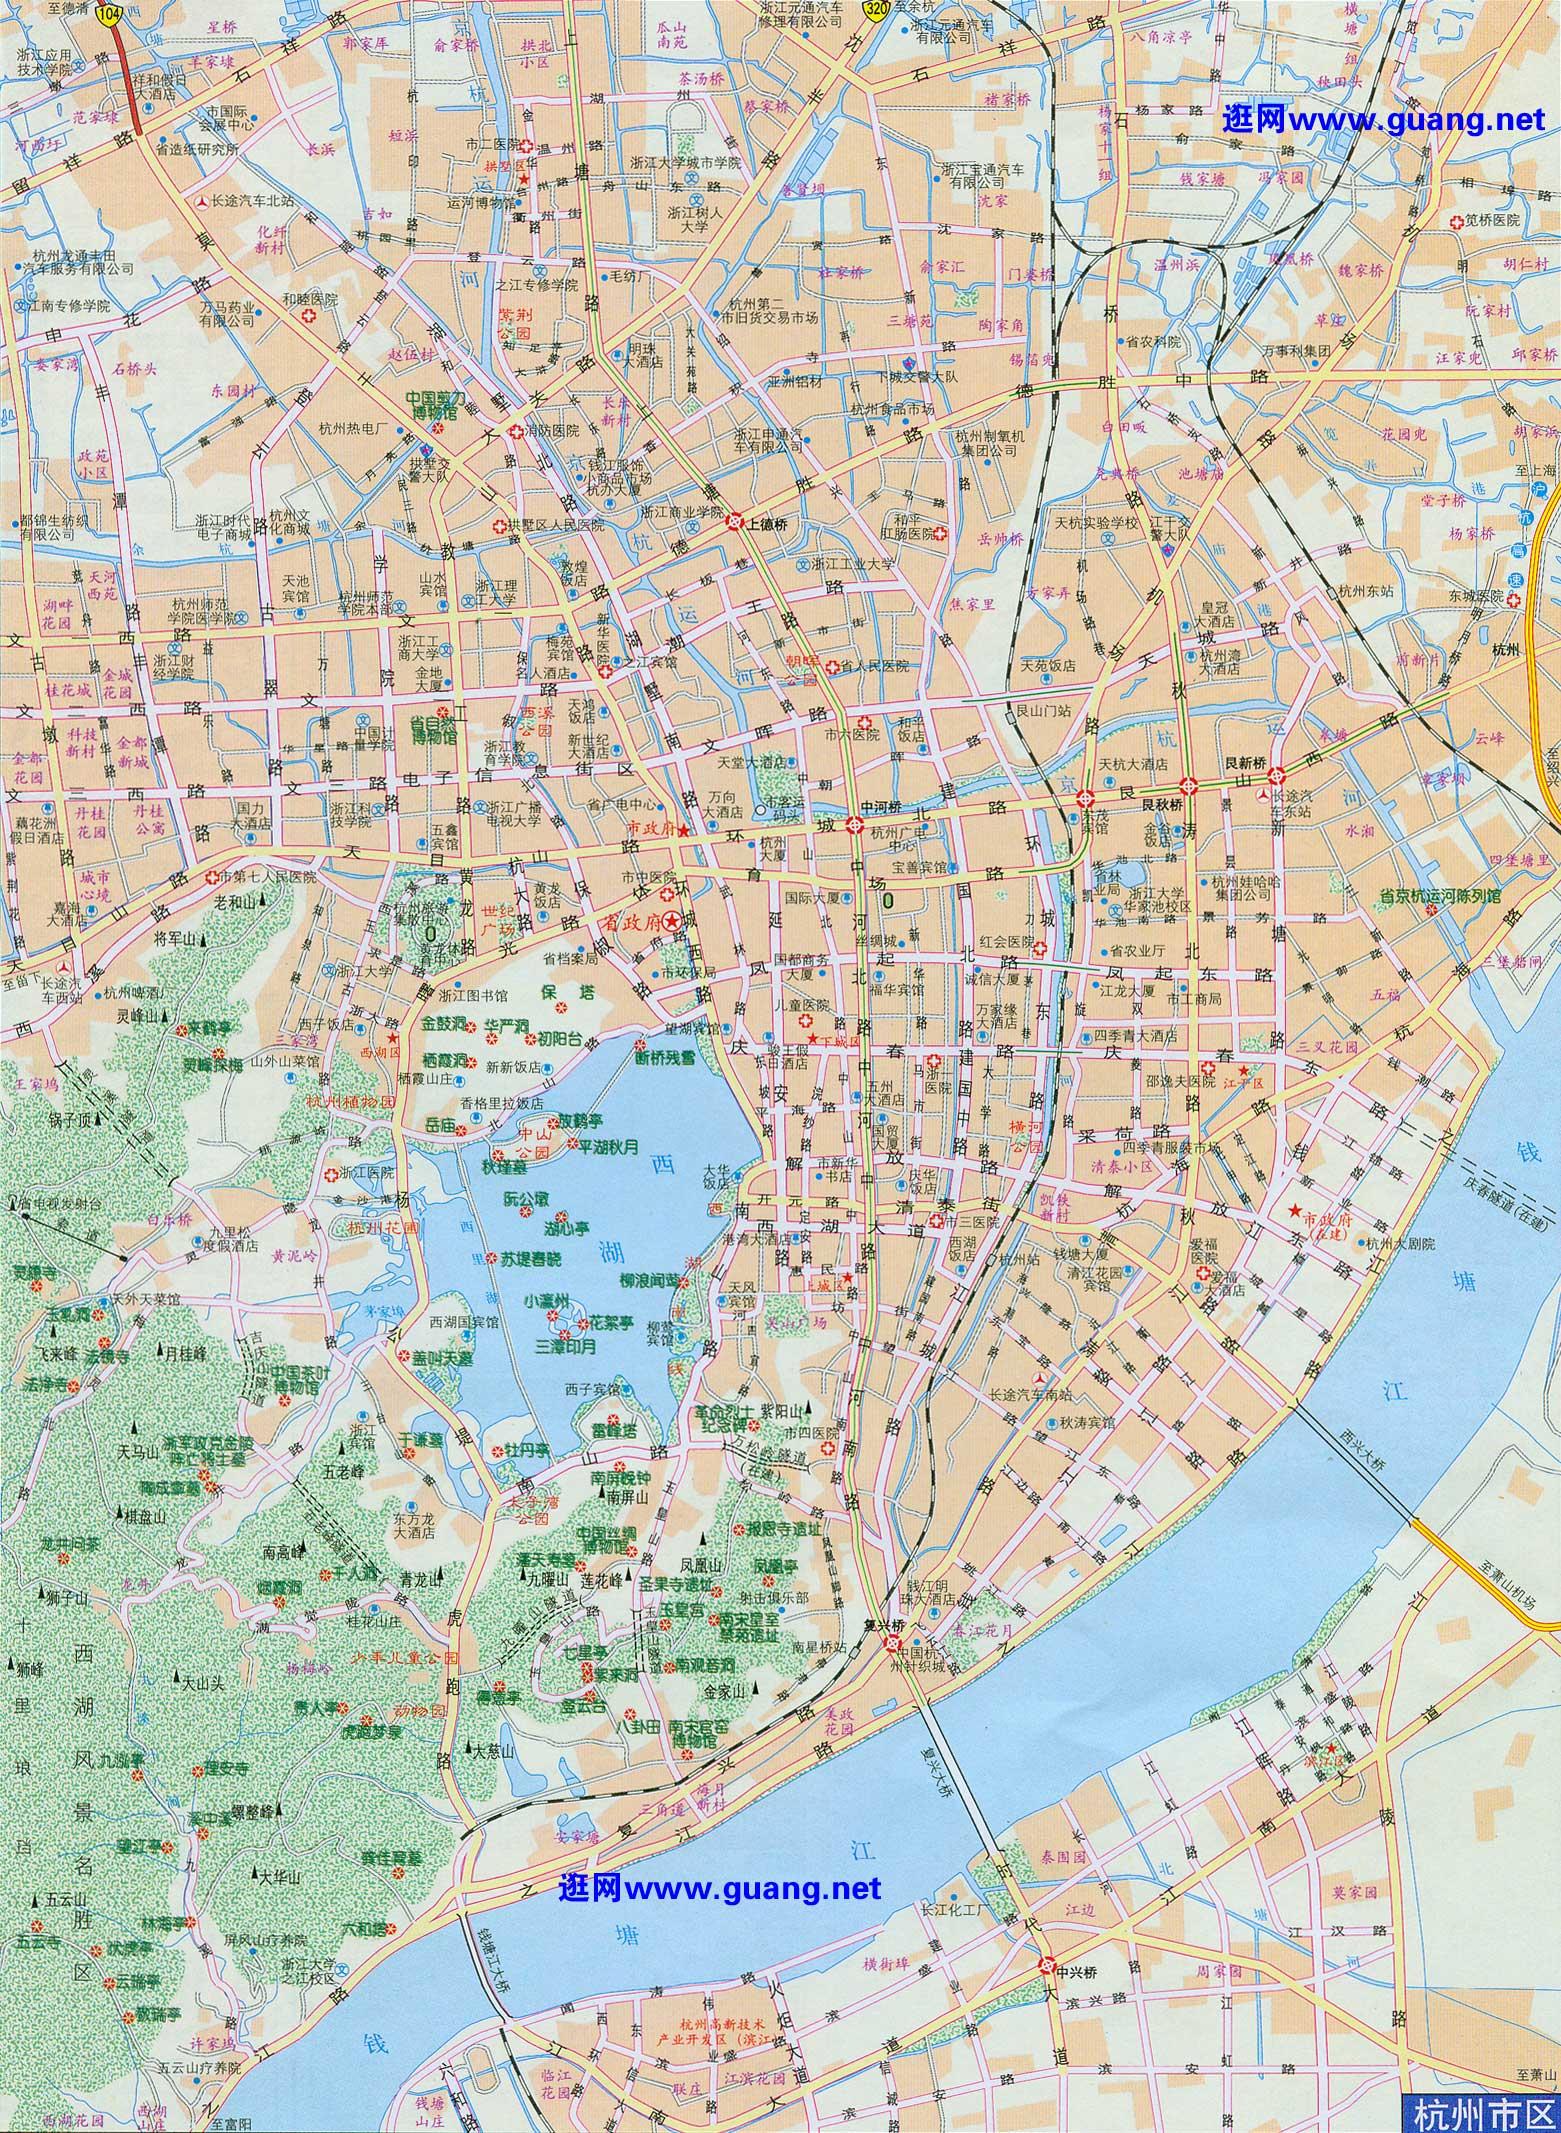 杭州市区地图